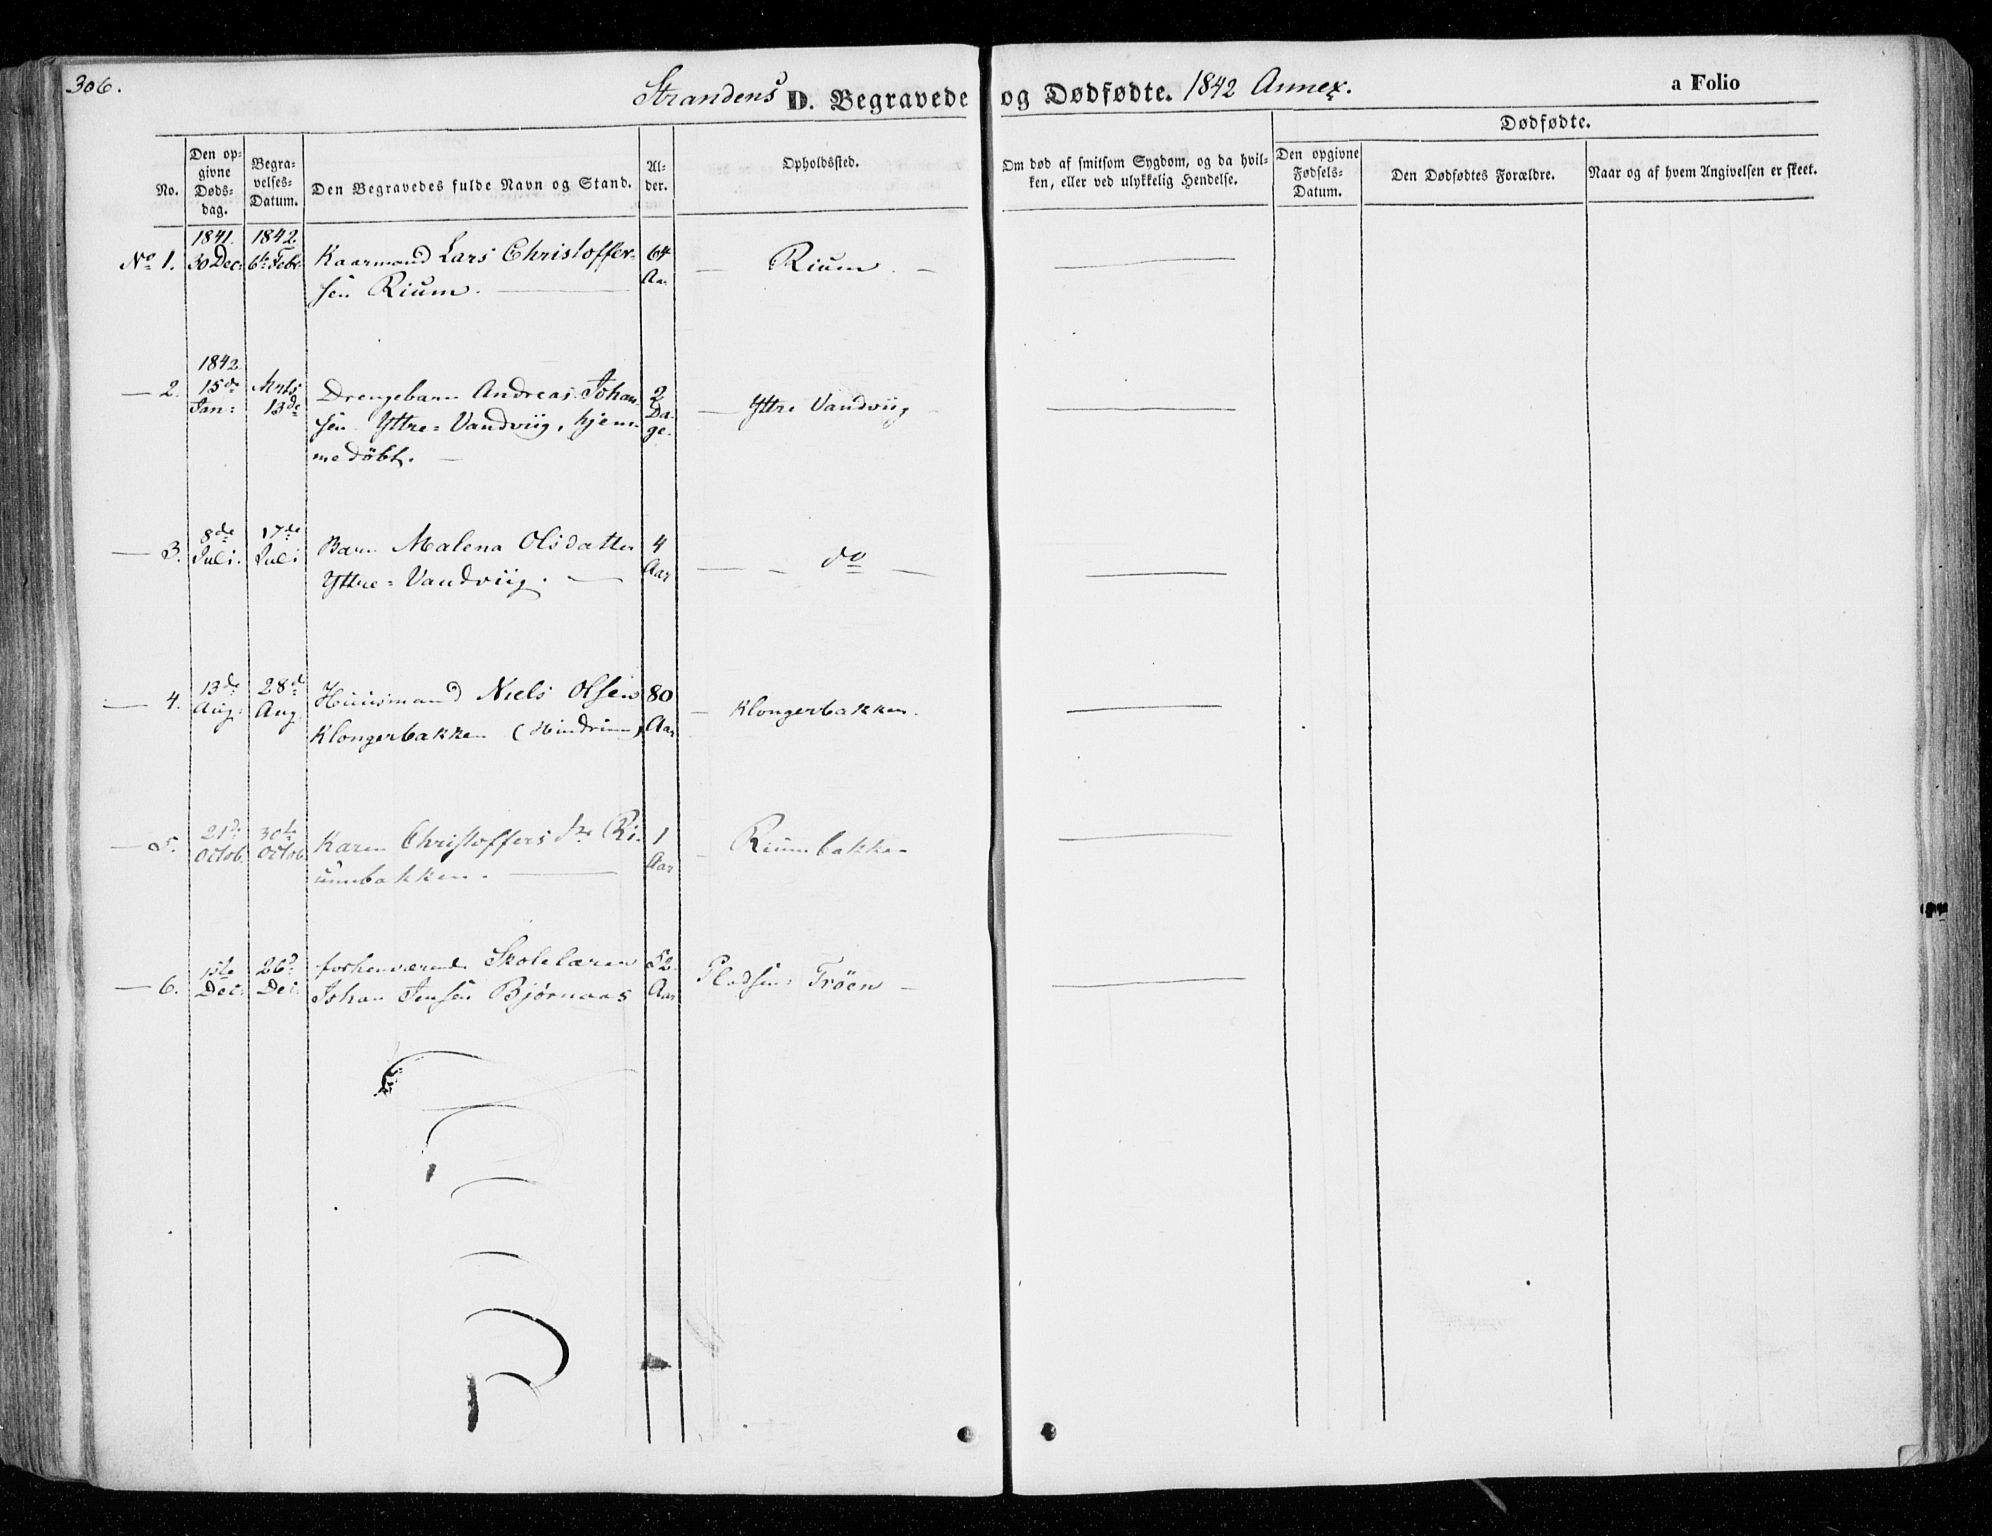 SAT, Ministerialprotokoller, klokkerbøker og fødselsregistre - Nord-Trøndelag, 701/L0007: Ministerialbok nr. 701A07 /2, 1842-1854, s. 306